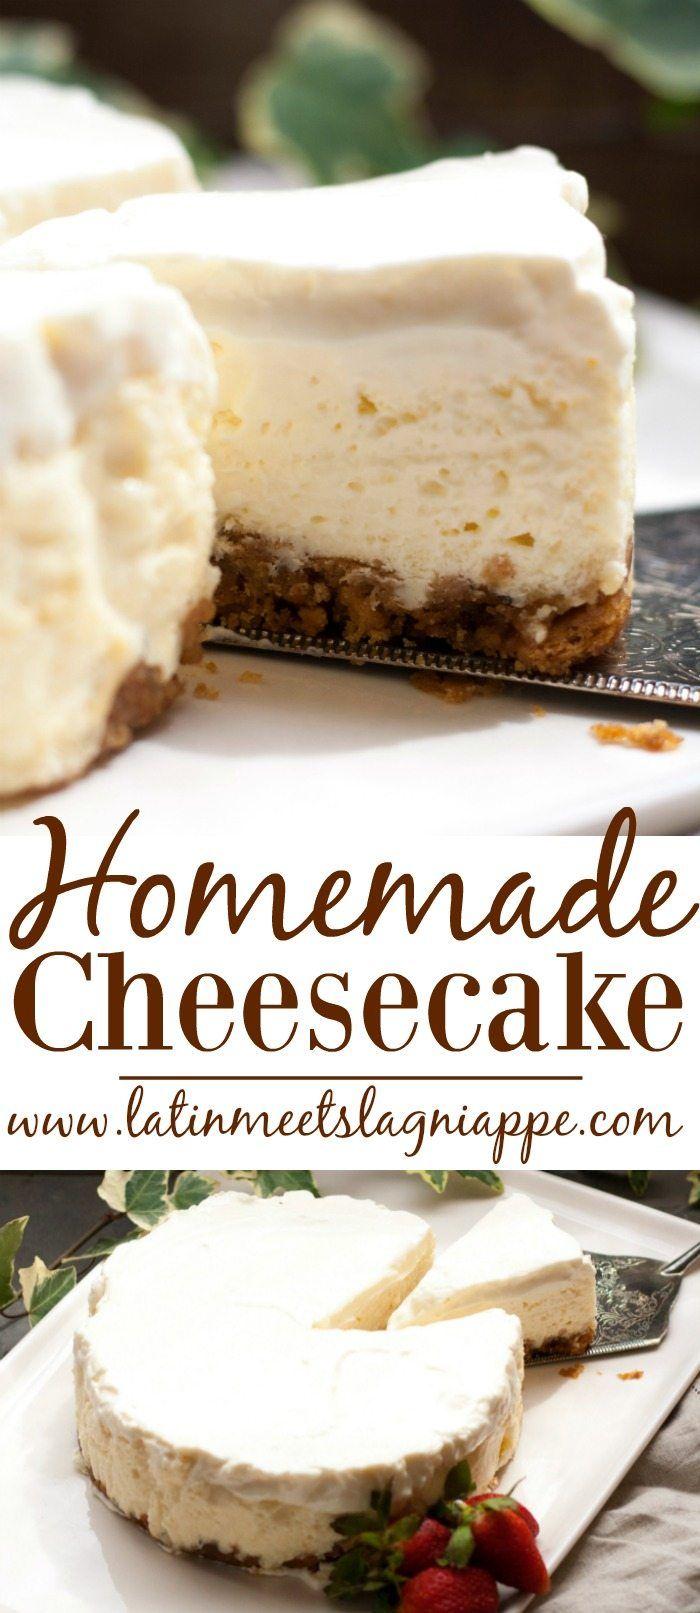 Easy Homemade Cheesecake Recipe